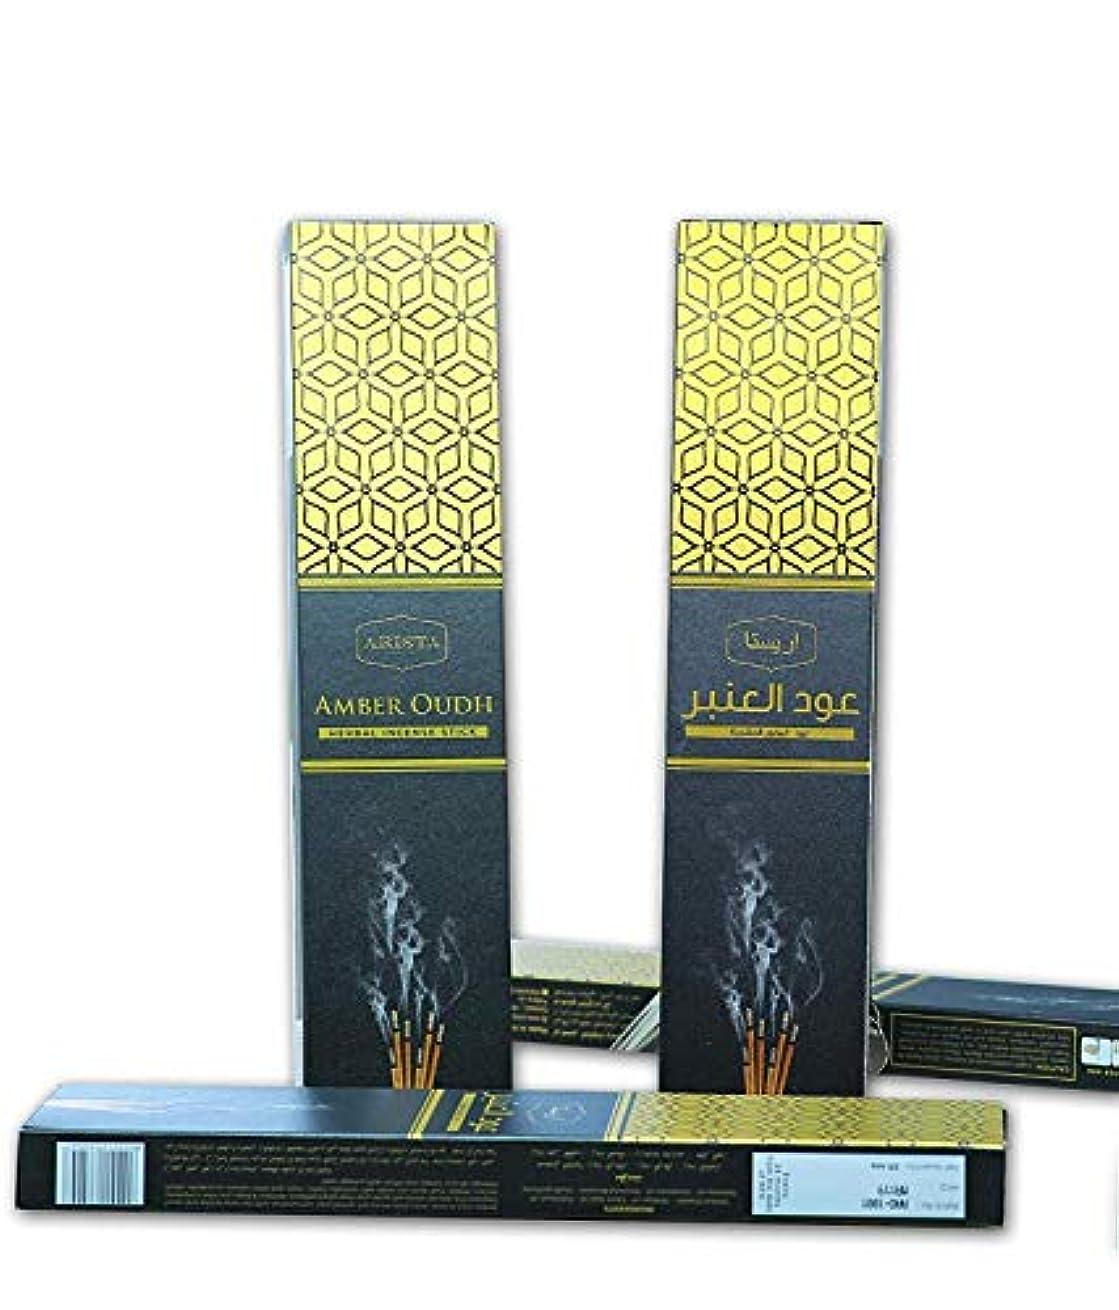 鷲影響する先にARISTA Amber OUDH INCENCE Sticks Pack of 2